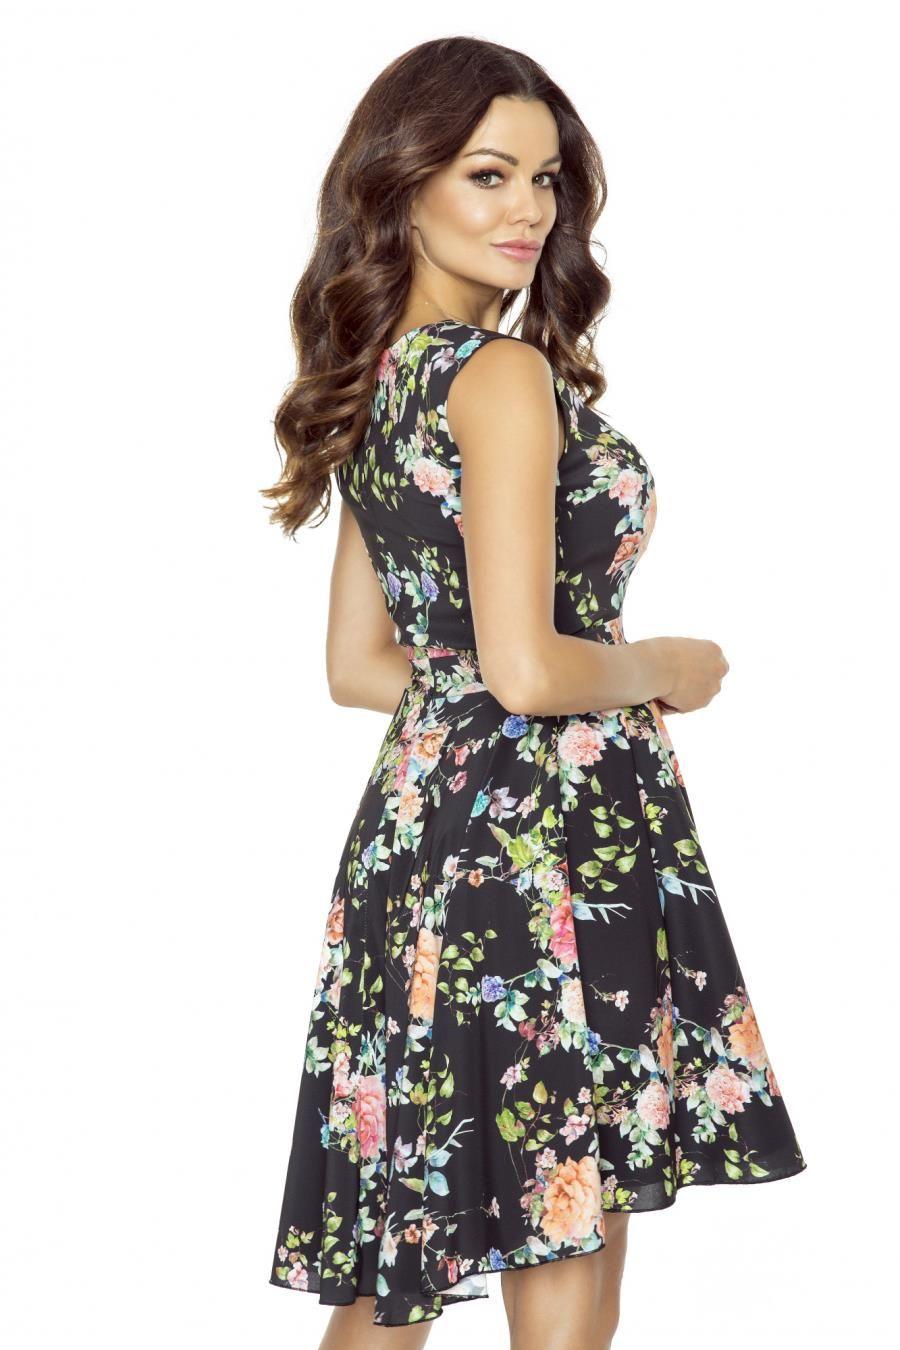 Zwiewna Letnia Sukienka Szyfonowa W Kwiaty Km233 Fashion Dresses Casual Dress